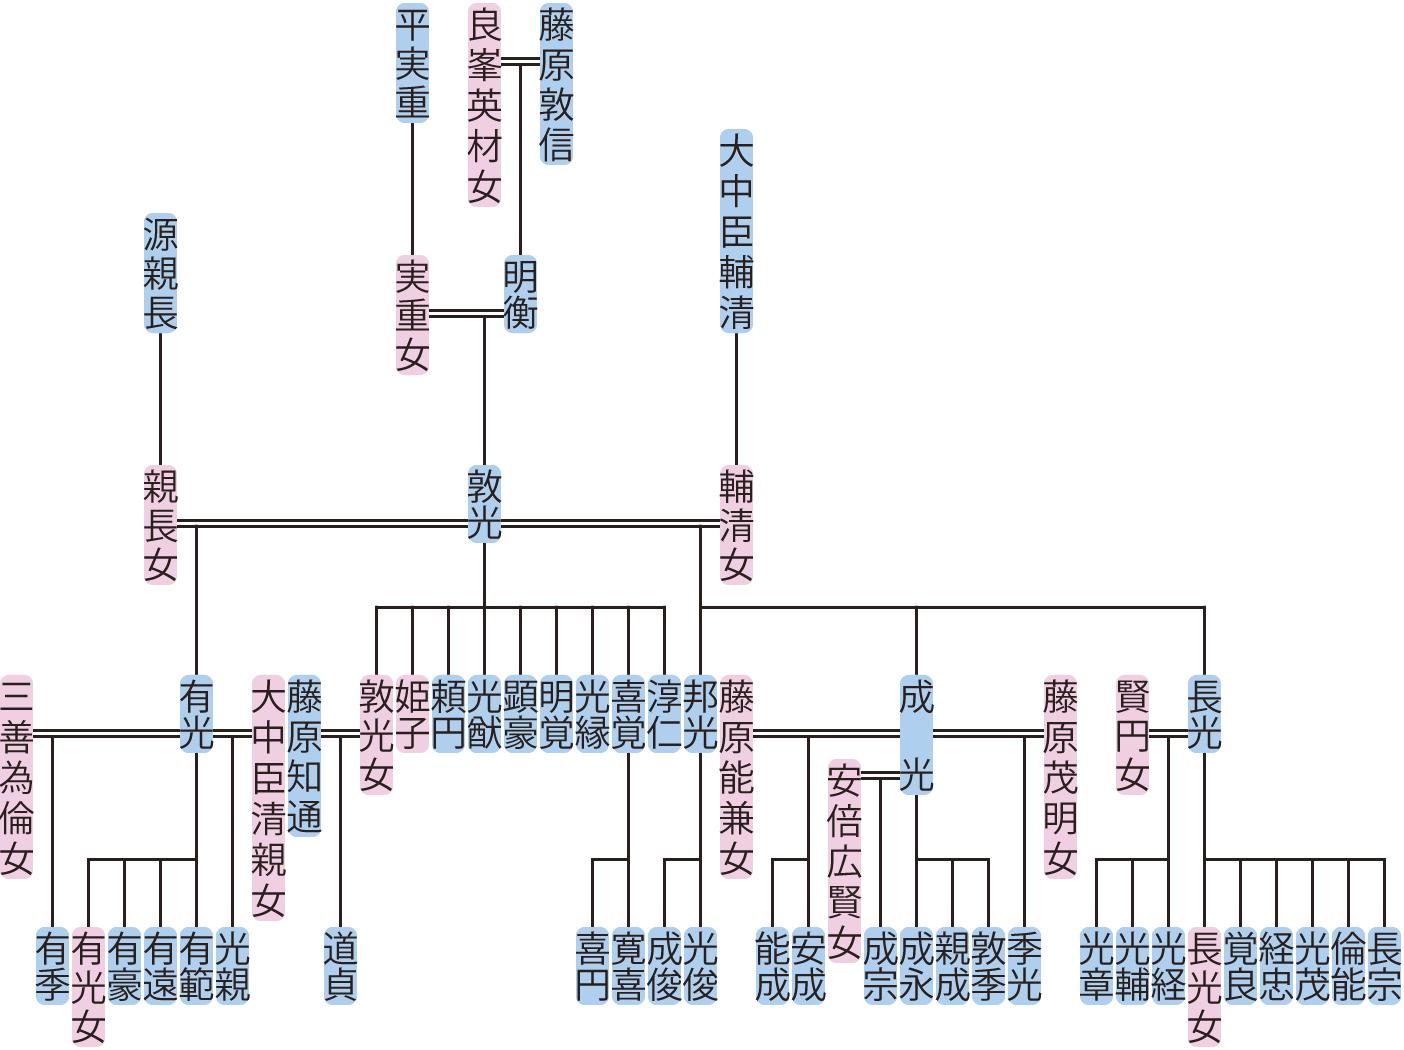 藤原敦光の系図